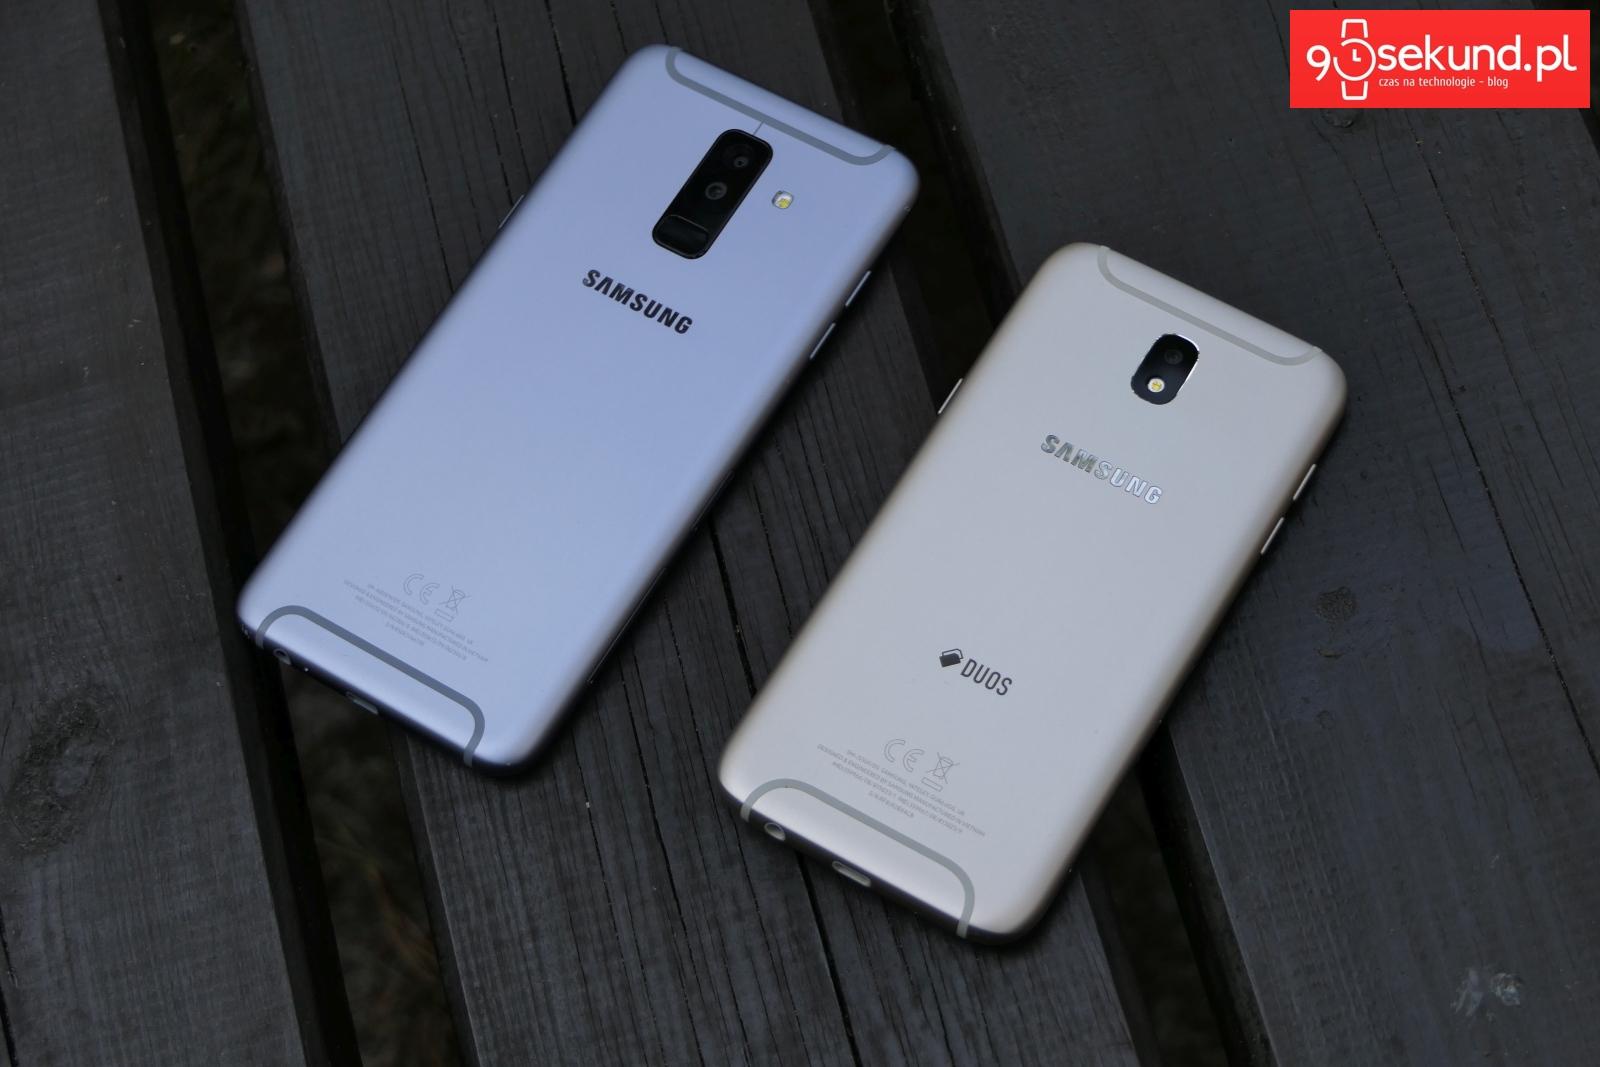 Od lewej: Srebrny Samsung Galaxy A6+ i złoty Galaxy J5 (2017) - 90sekund.pl - Michał Brożyński